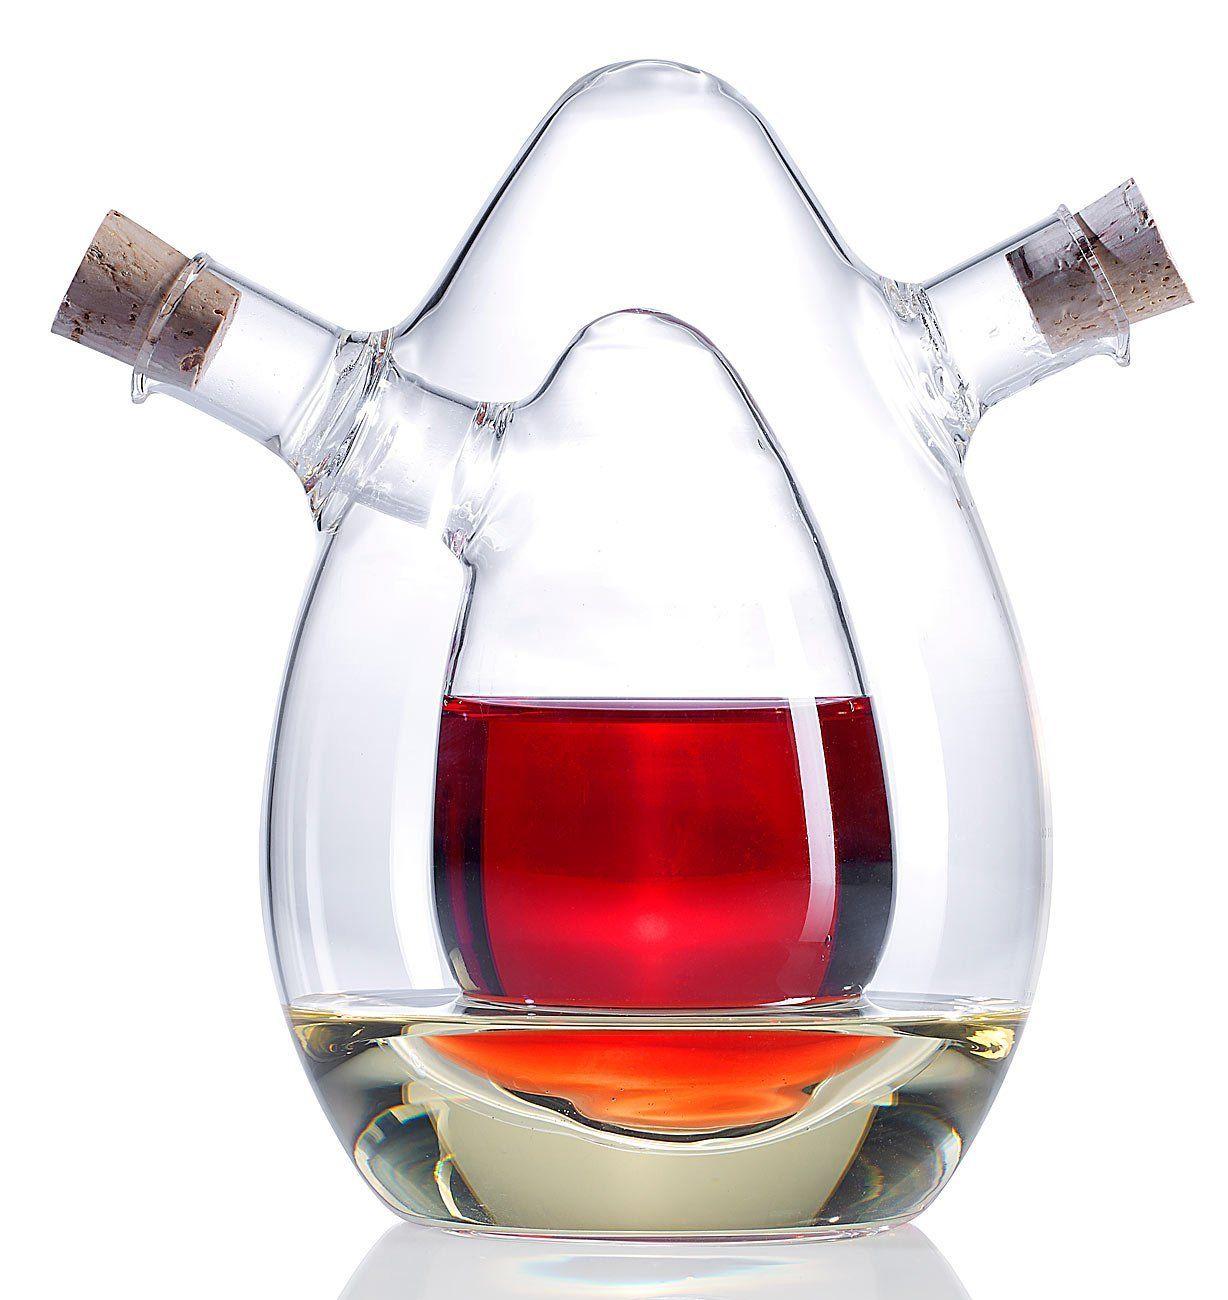 Essig öl Spender 2in1 essig und öl spender aus glas jetzt wird der essig und öl